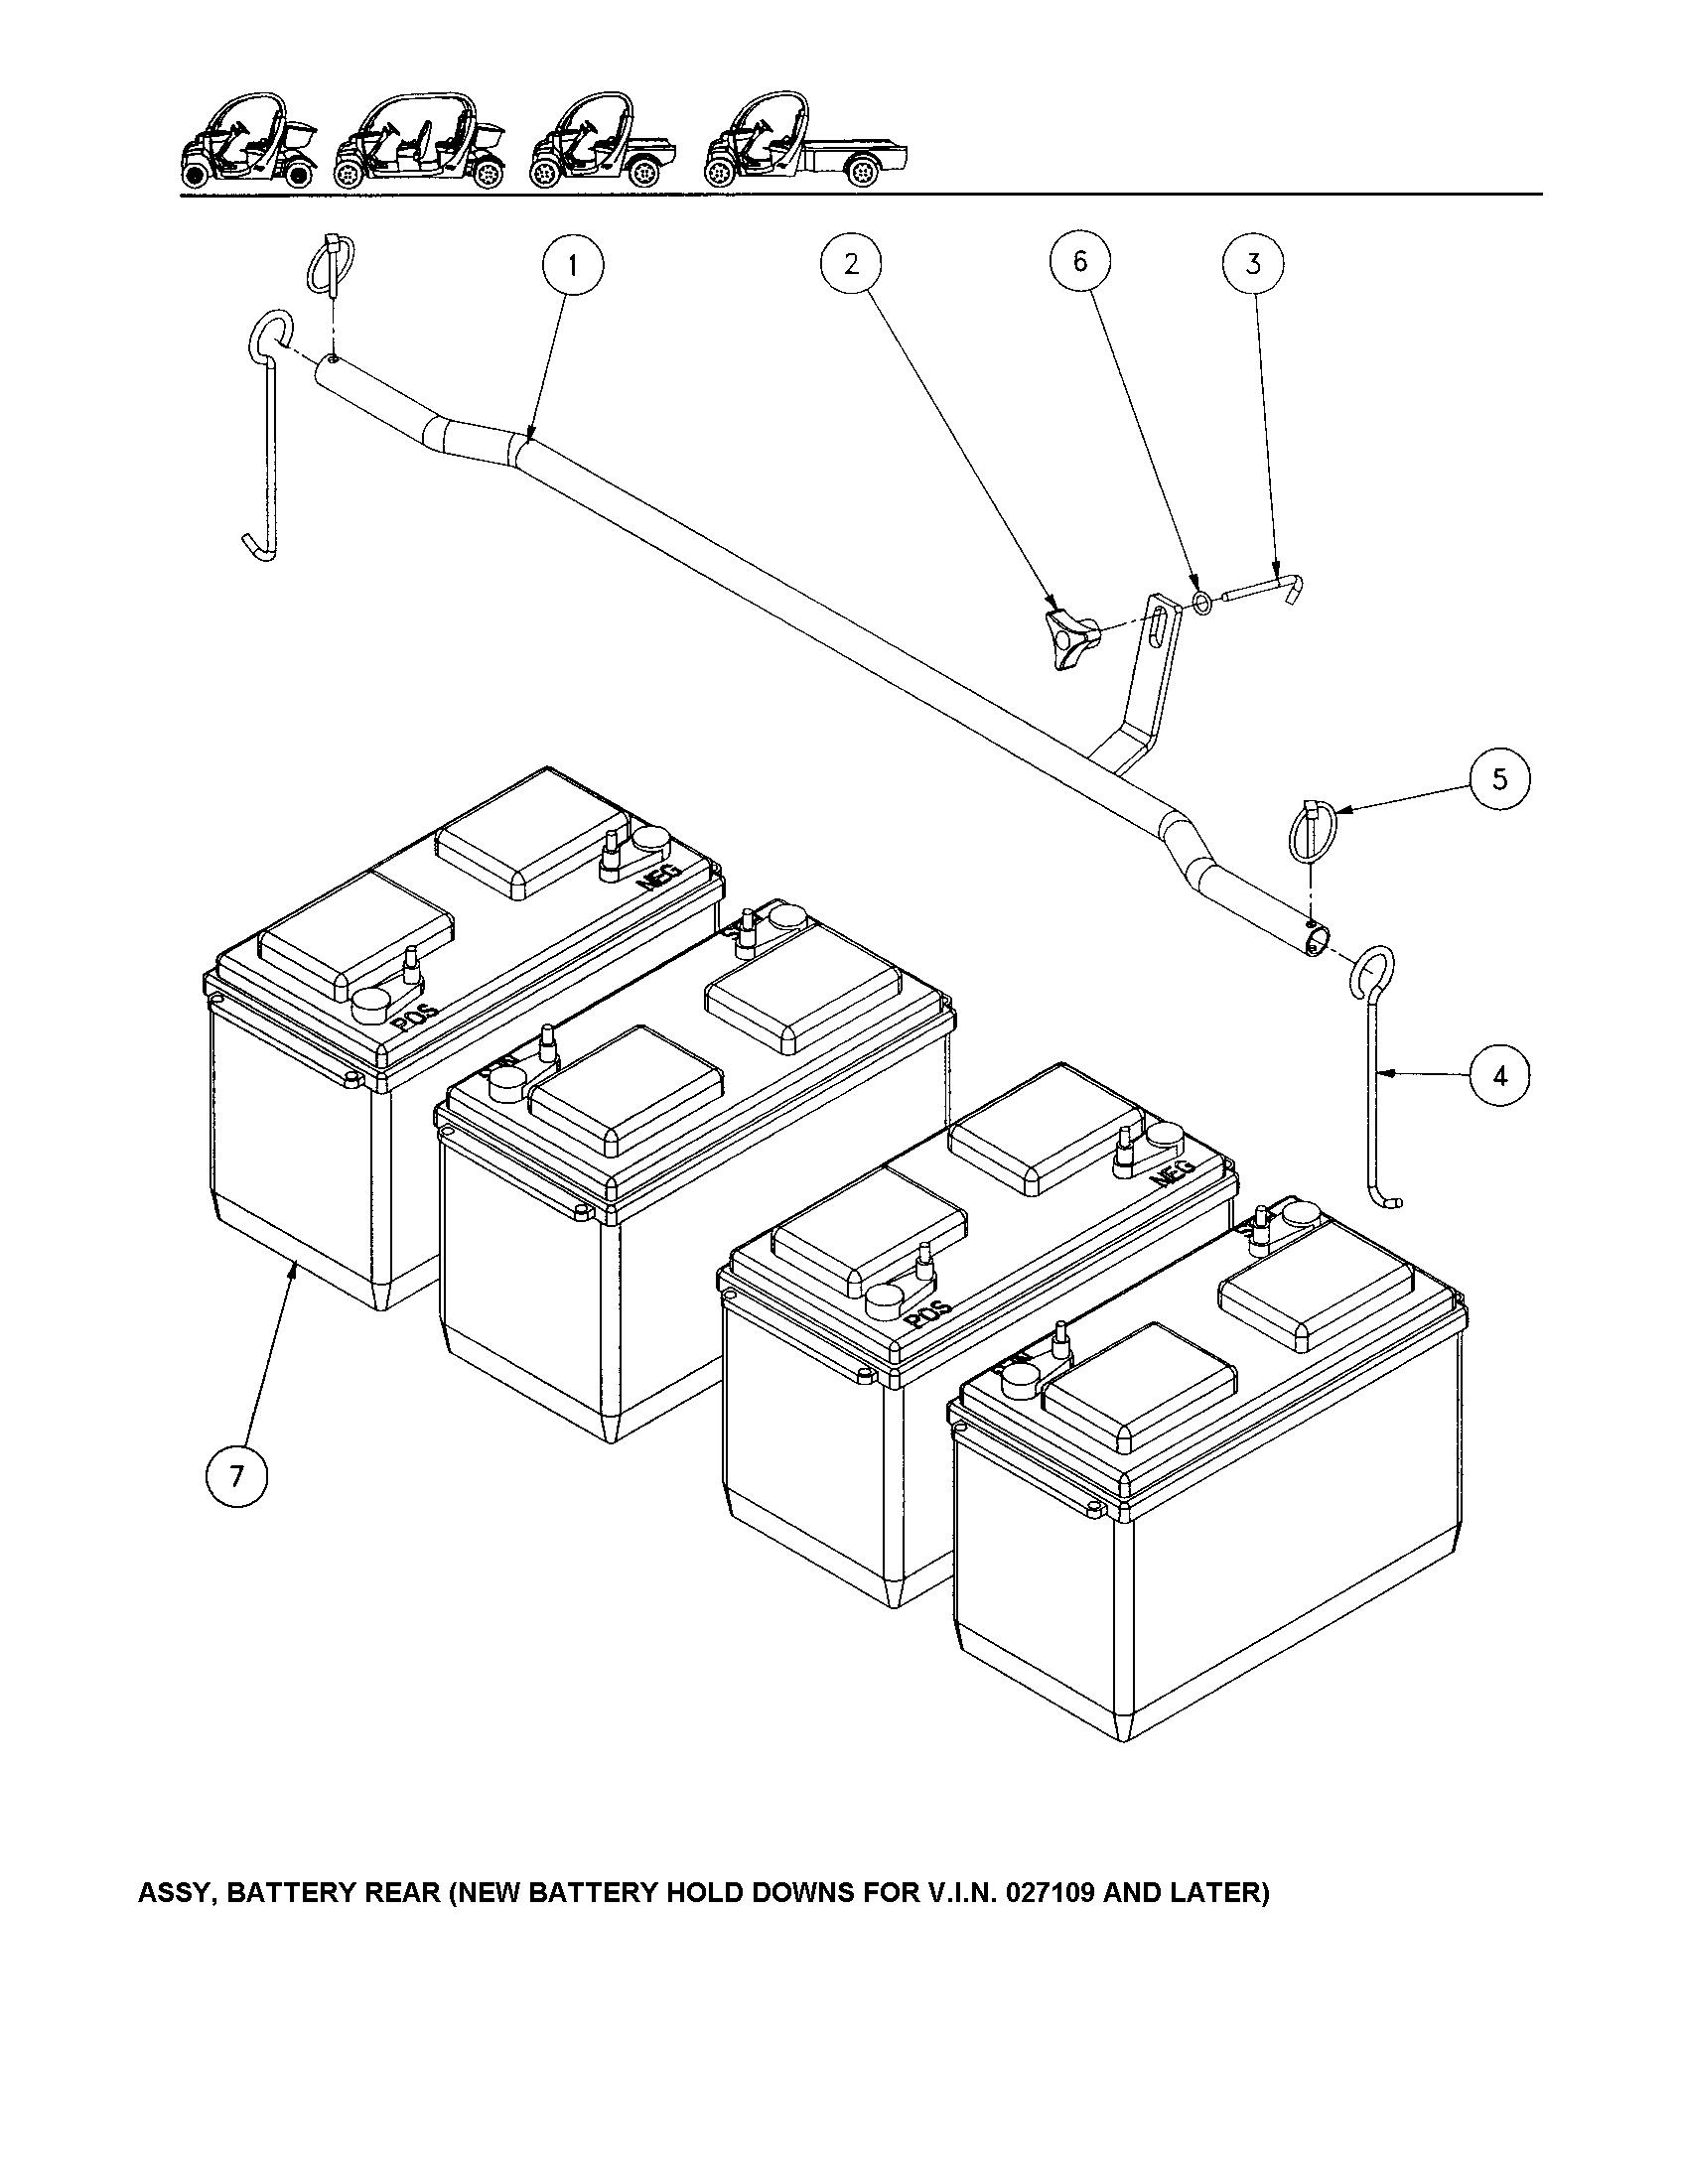 Gem E825 Wiring Diagram - Bmw R60 Wiring Diagram -  polarisss.bmw-in-e46.jeanjaures37.fr | Gem E825 Wiring Schematic |  | Wiring Diagram Resource